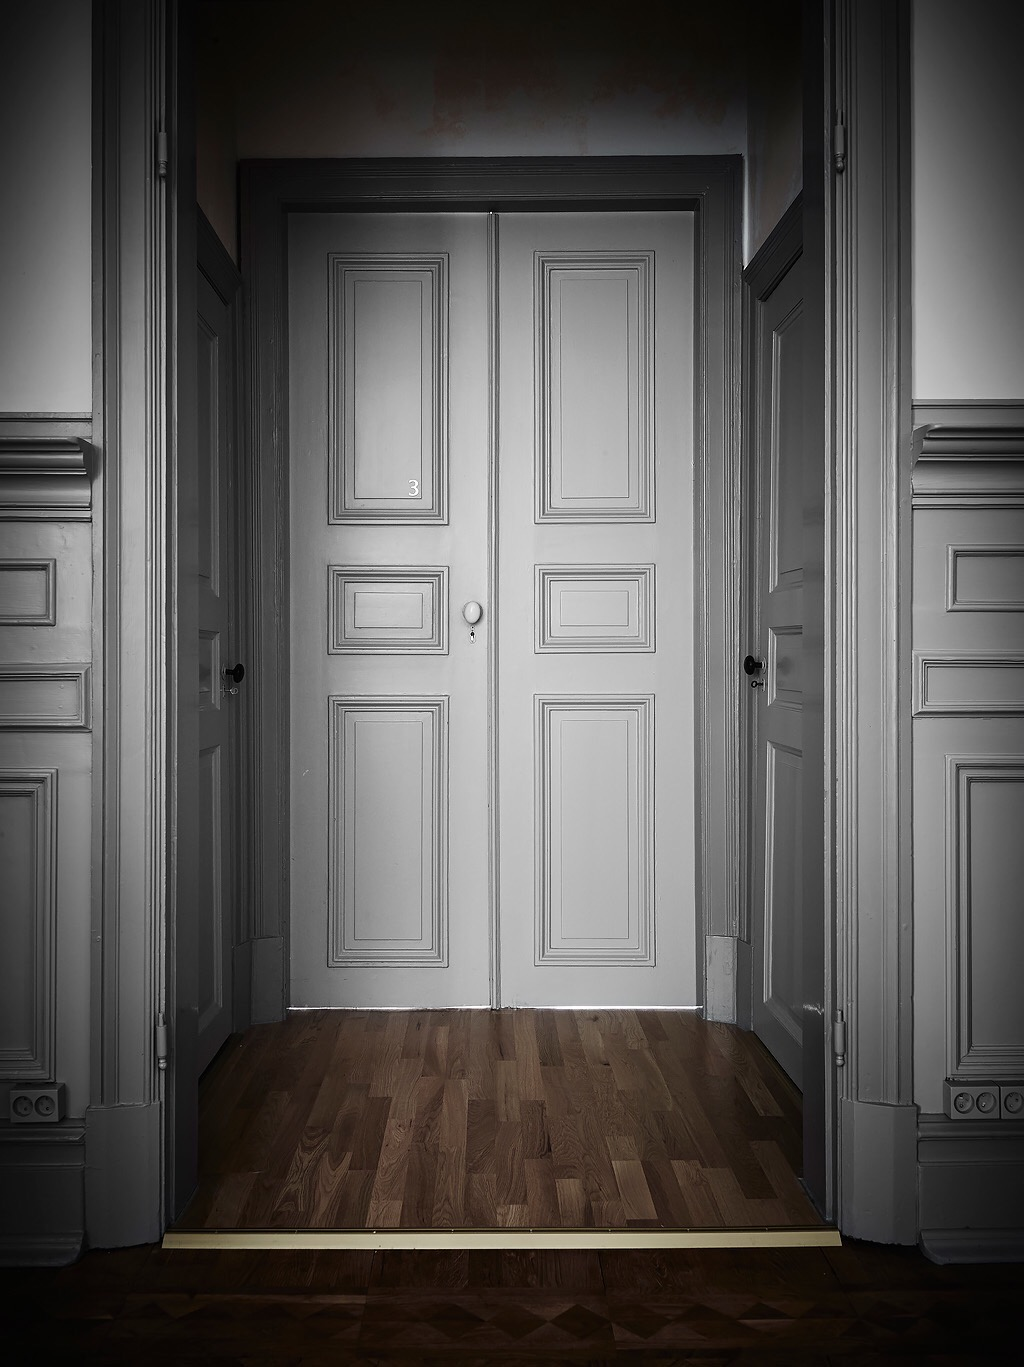 серые двери настенные панели молдинги наличники